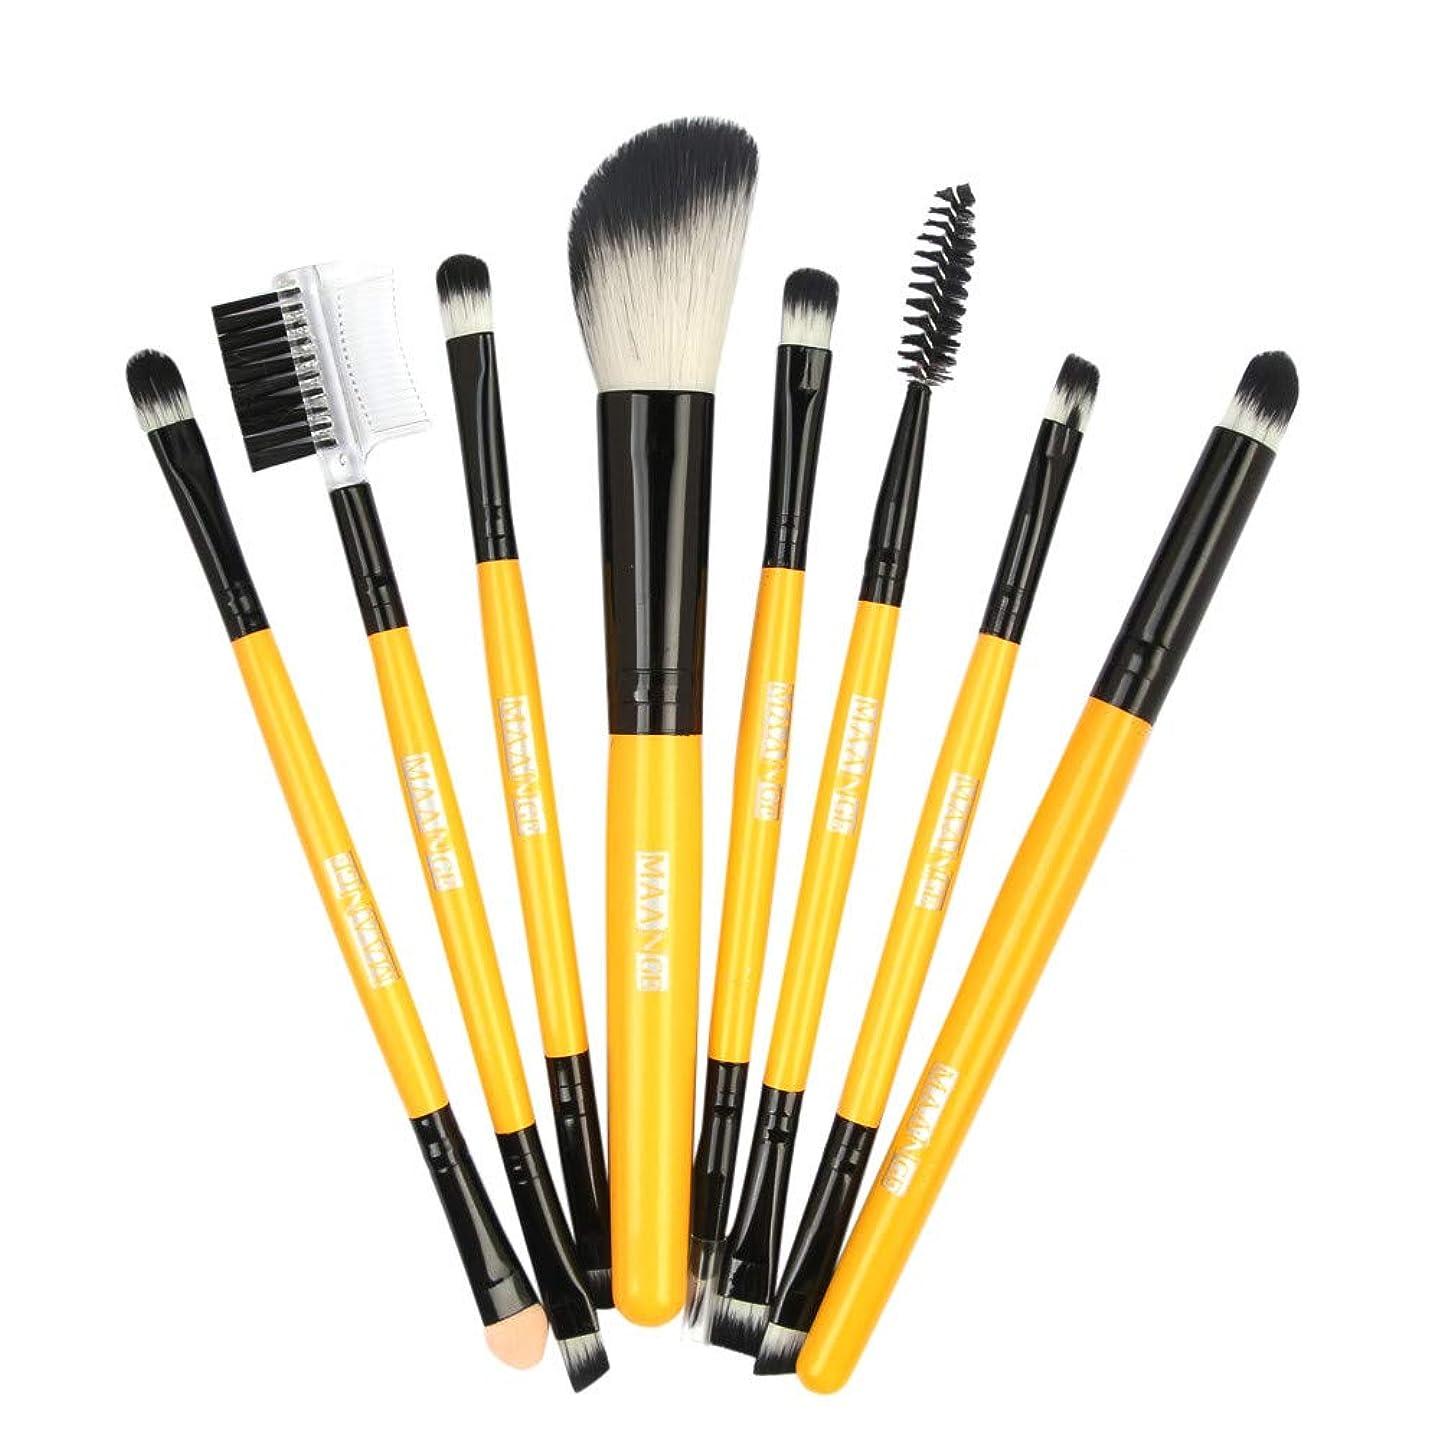 十分に満足走るメイクブラシ 化粧ブラシ 8本 木製のファンデーション 眉毛 アイシャドウブラシセット シャオメイスター